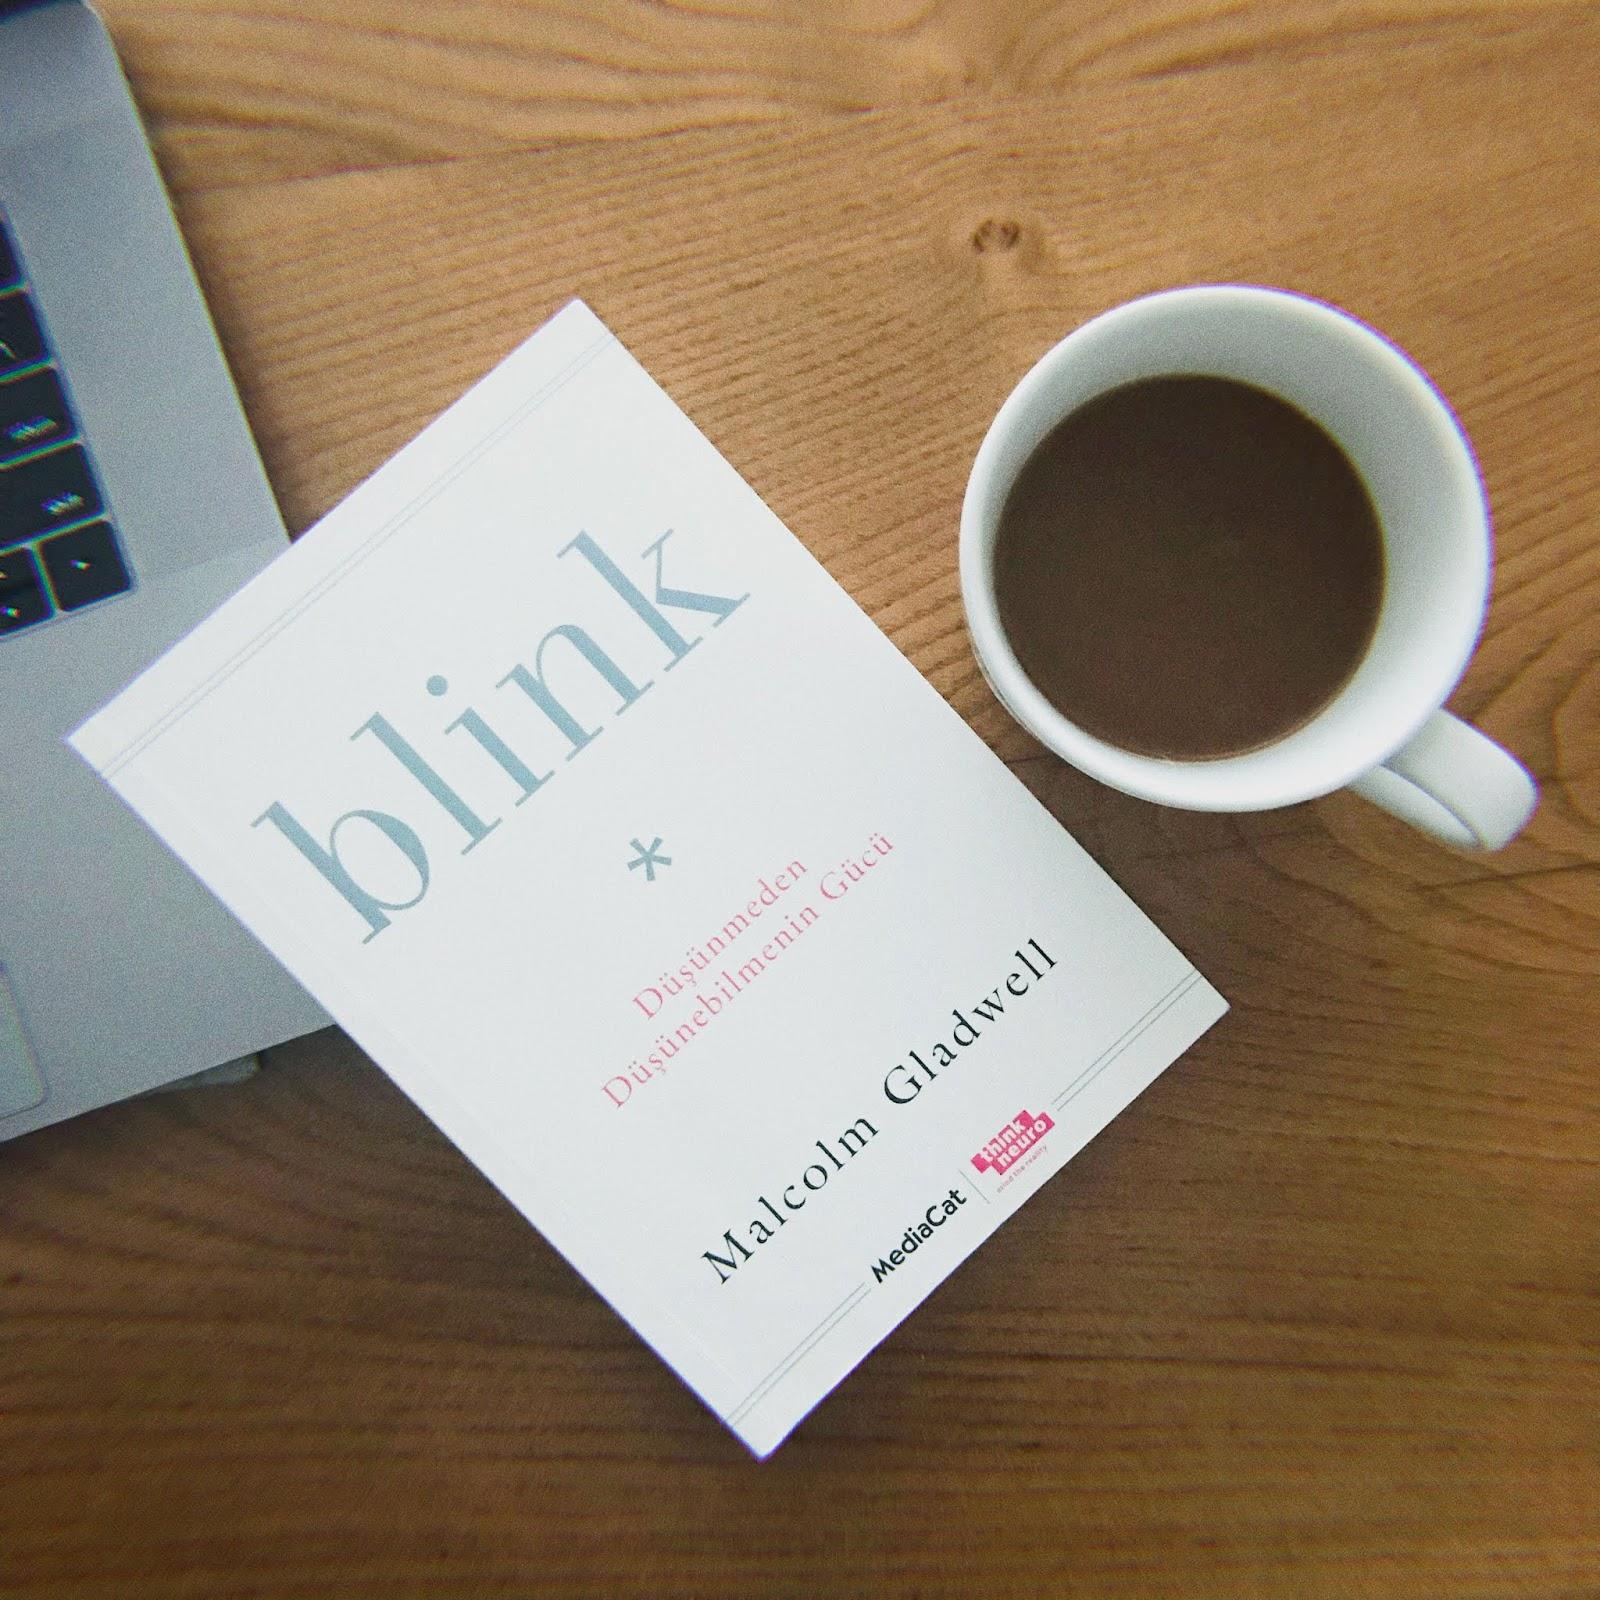 Blink * Dusunmeden Dusunebilmenin Gucu (Kitap)